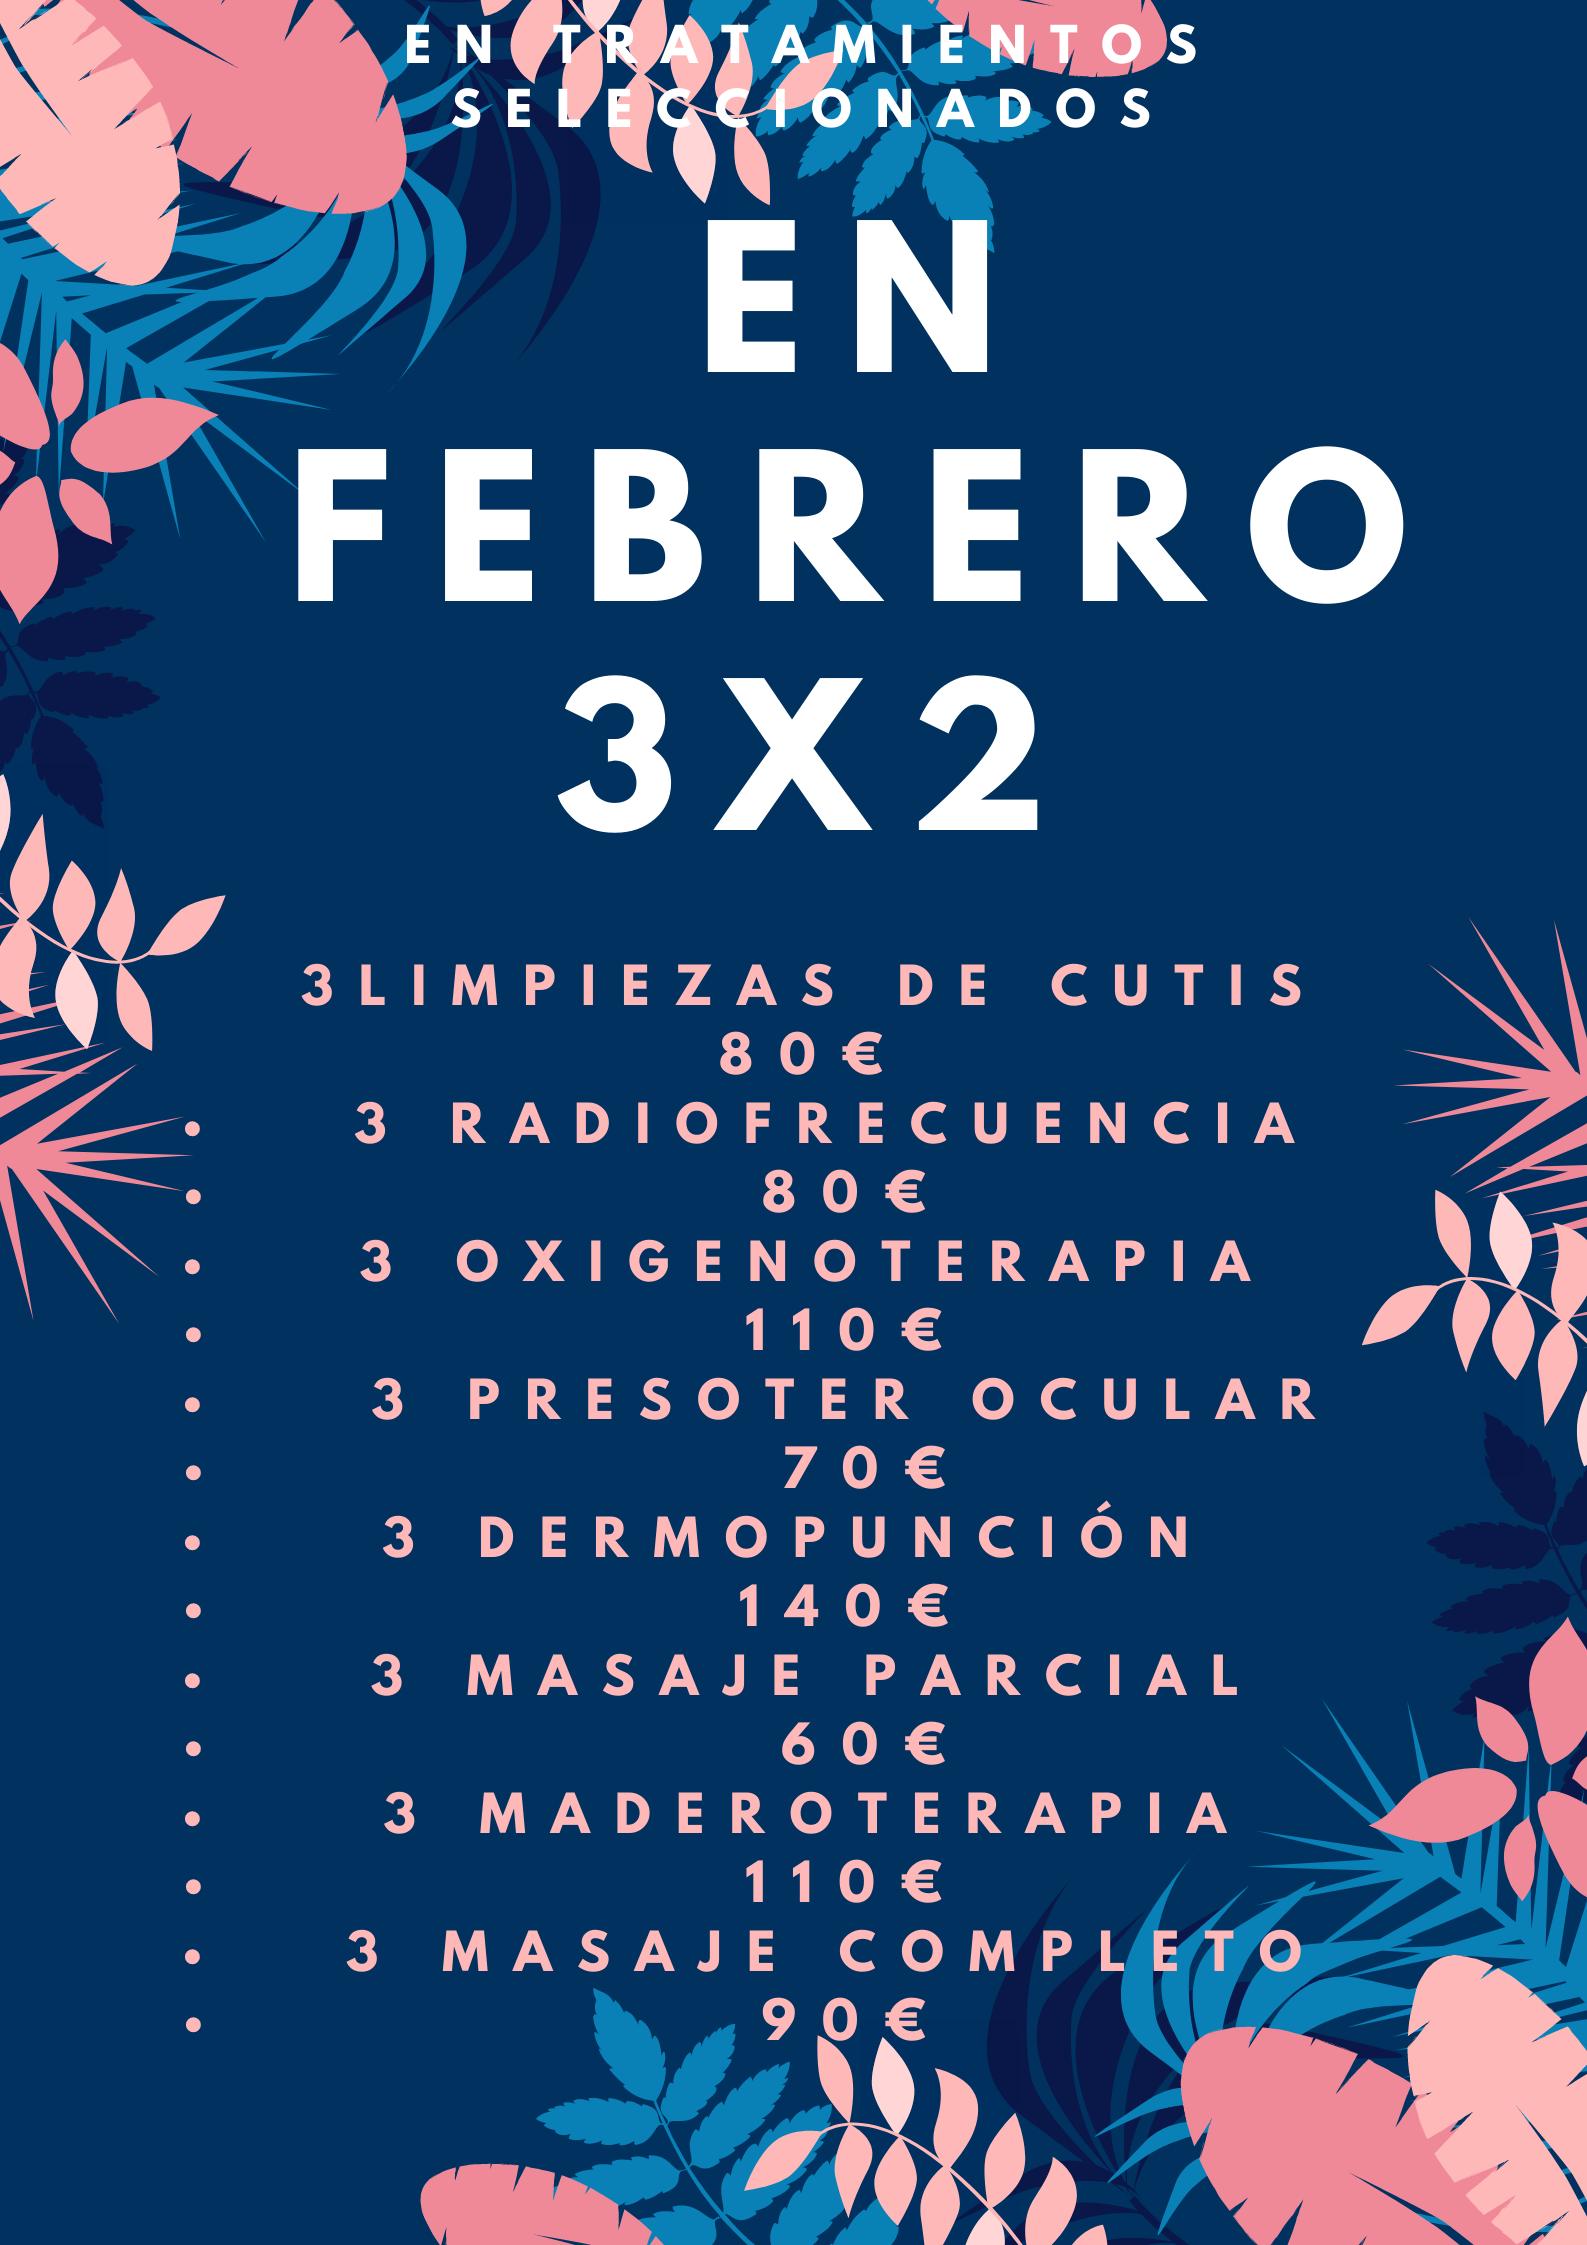 febrero 3x2